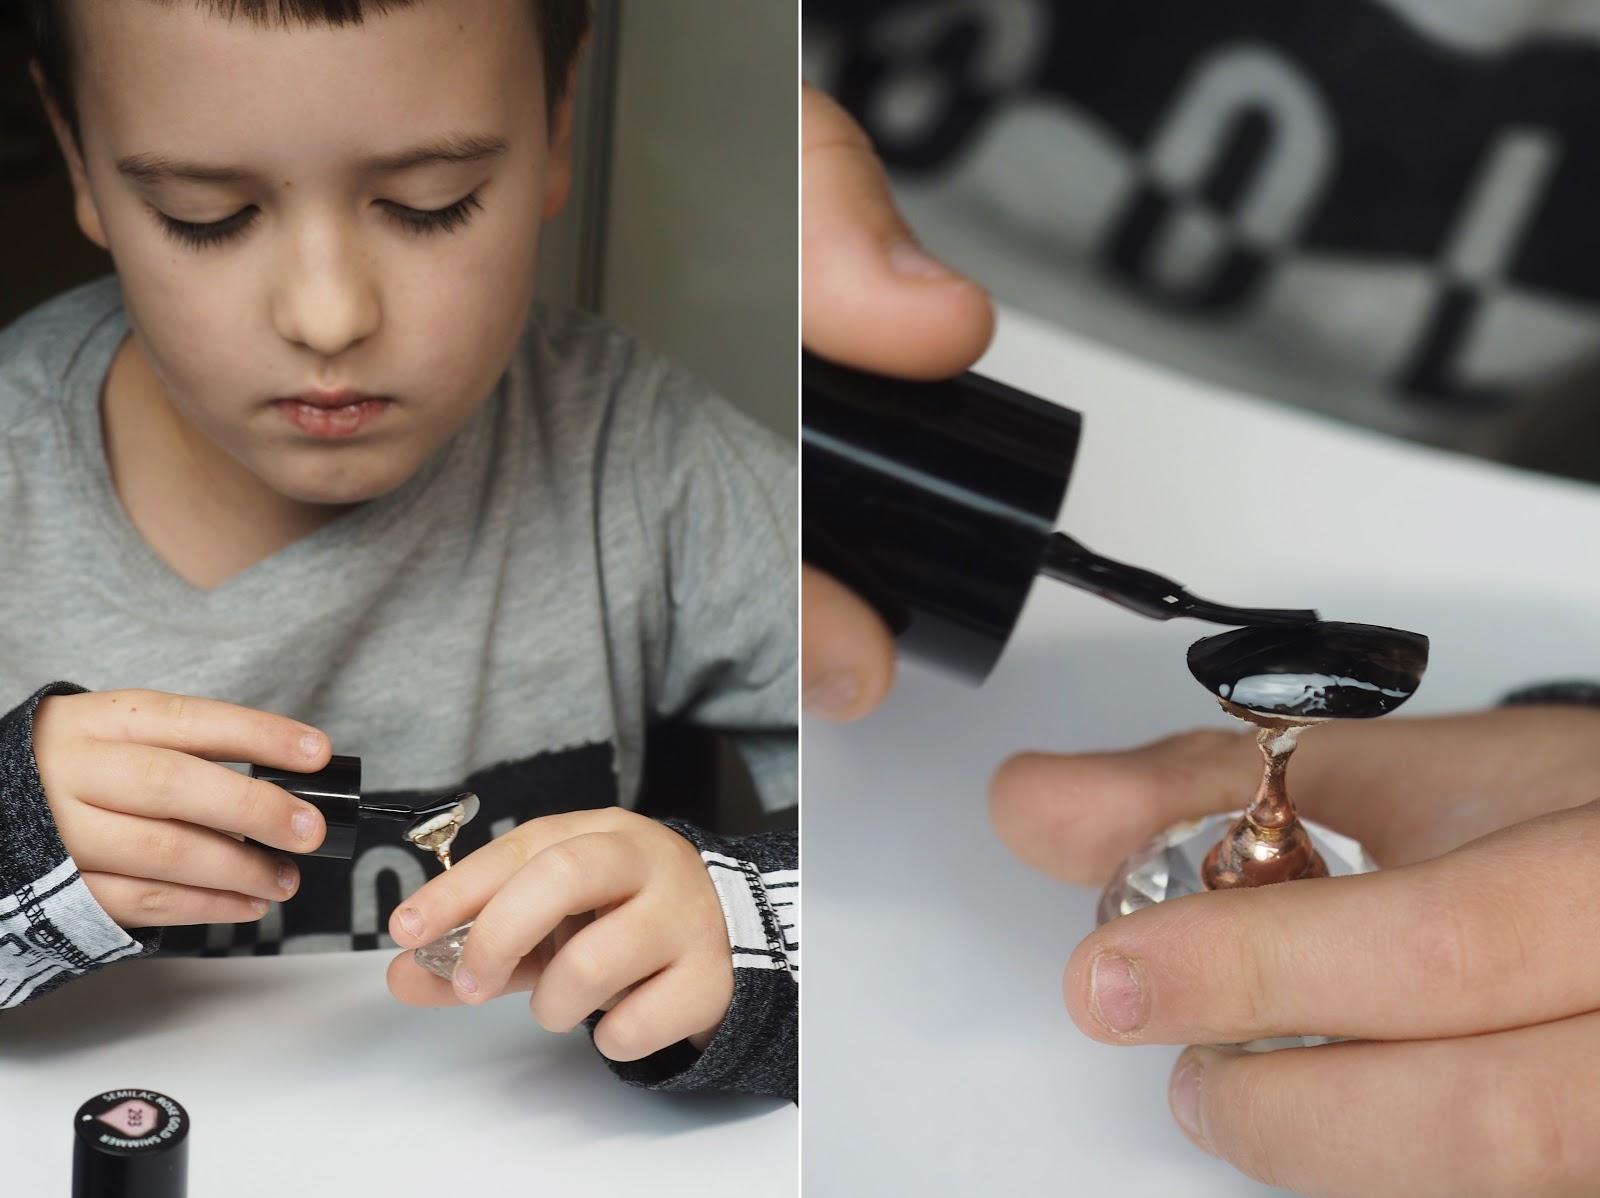 malowanie paznokcie